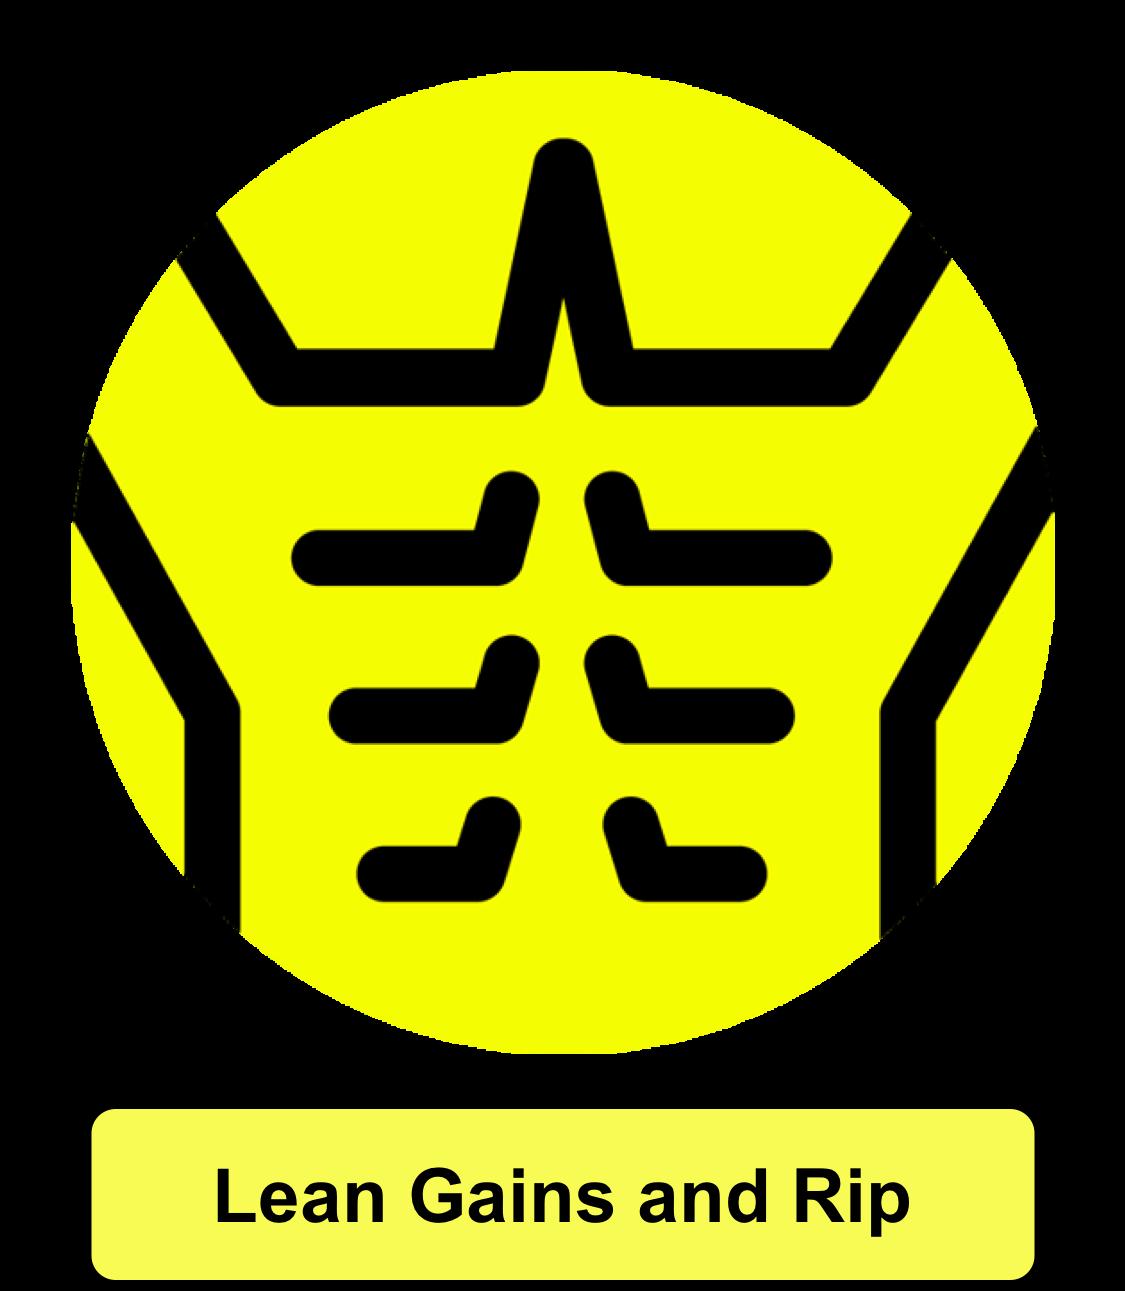 Lean Gains & Rip